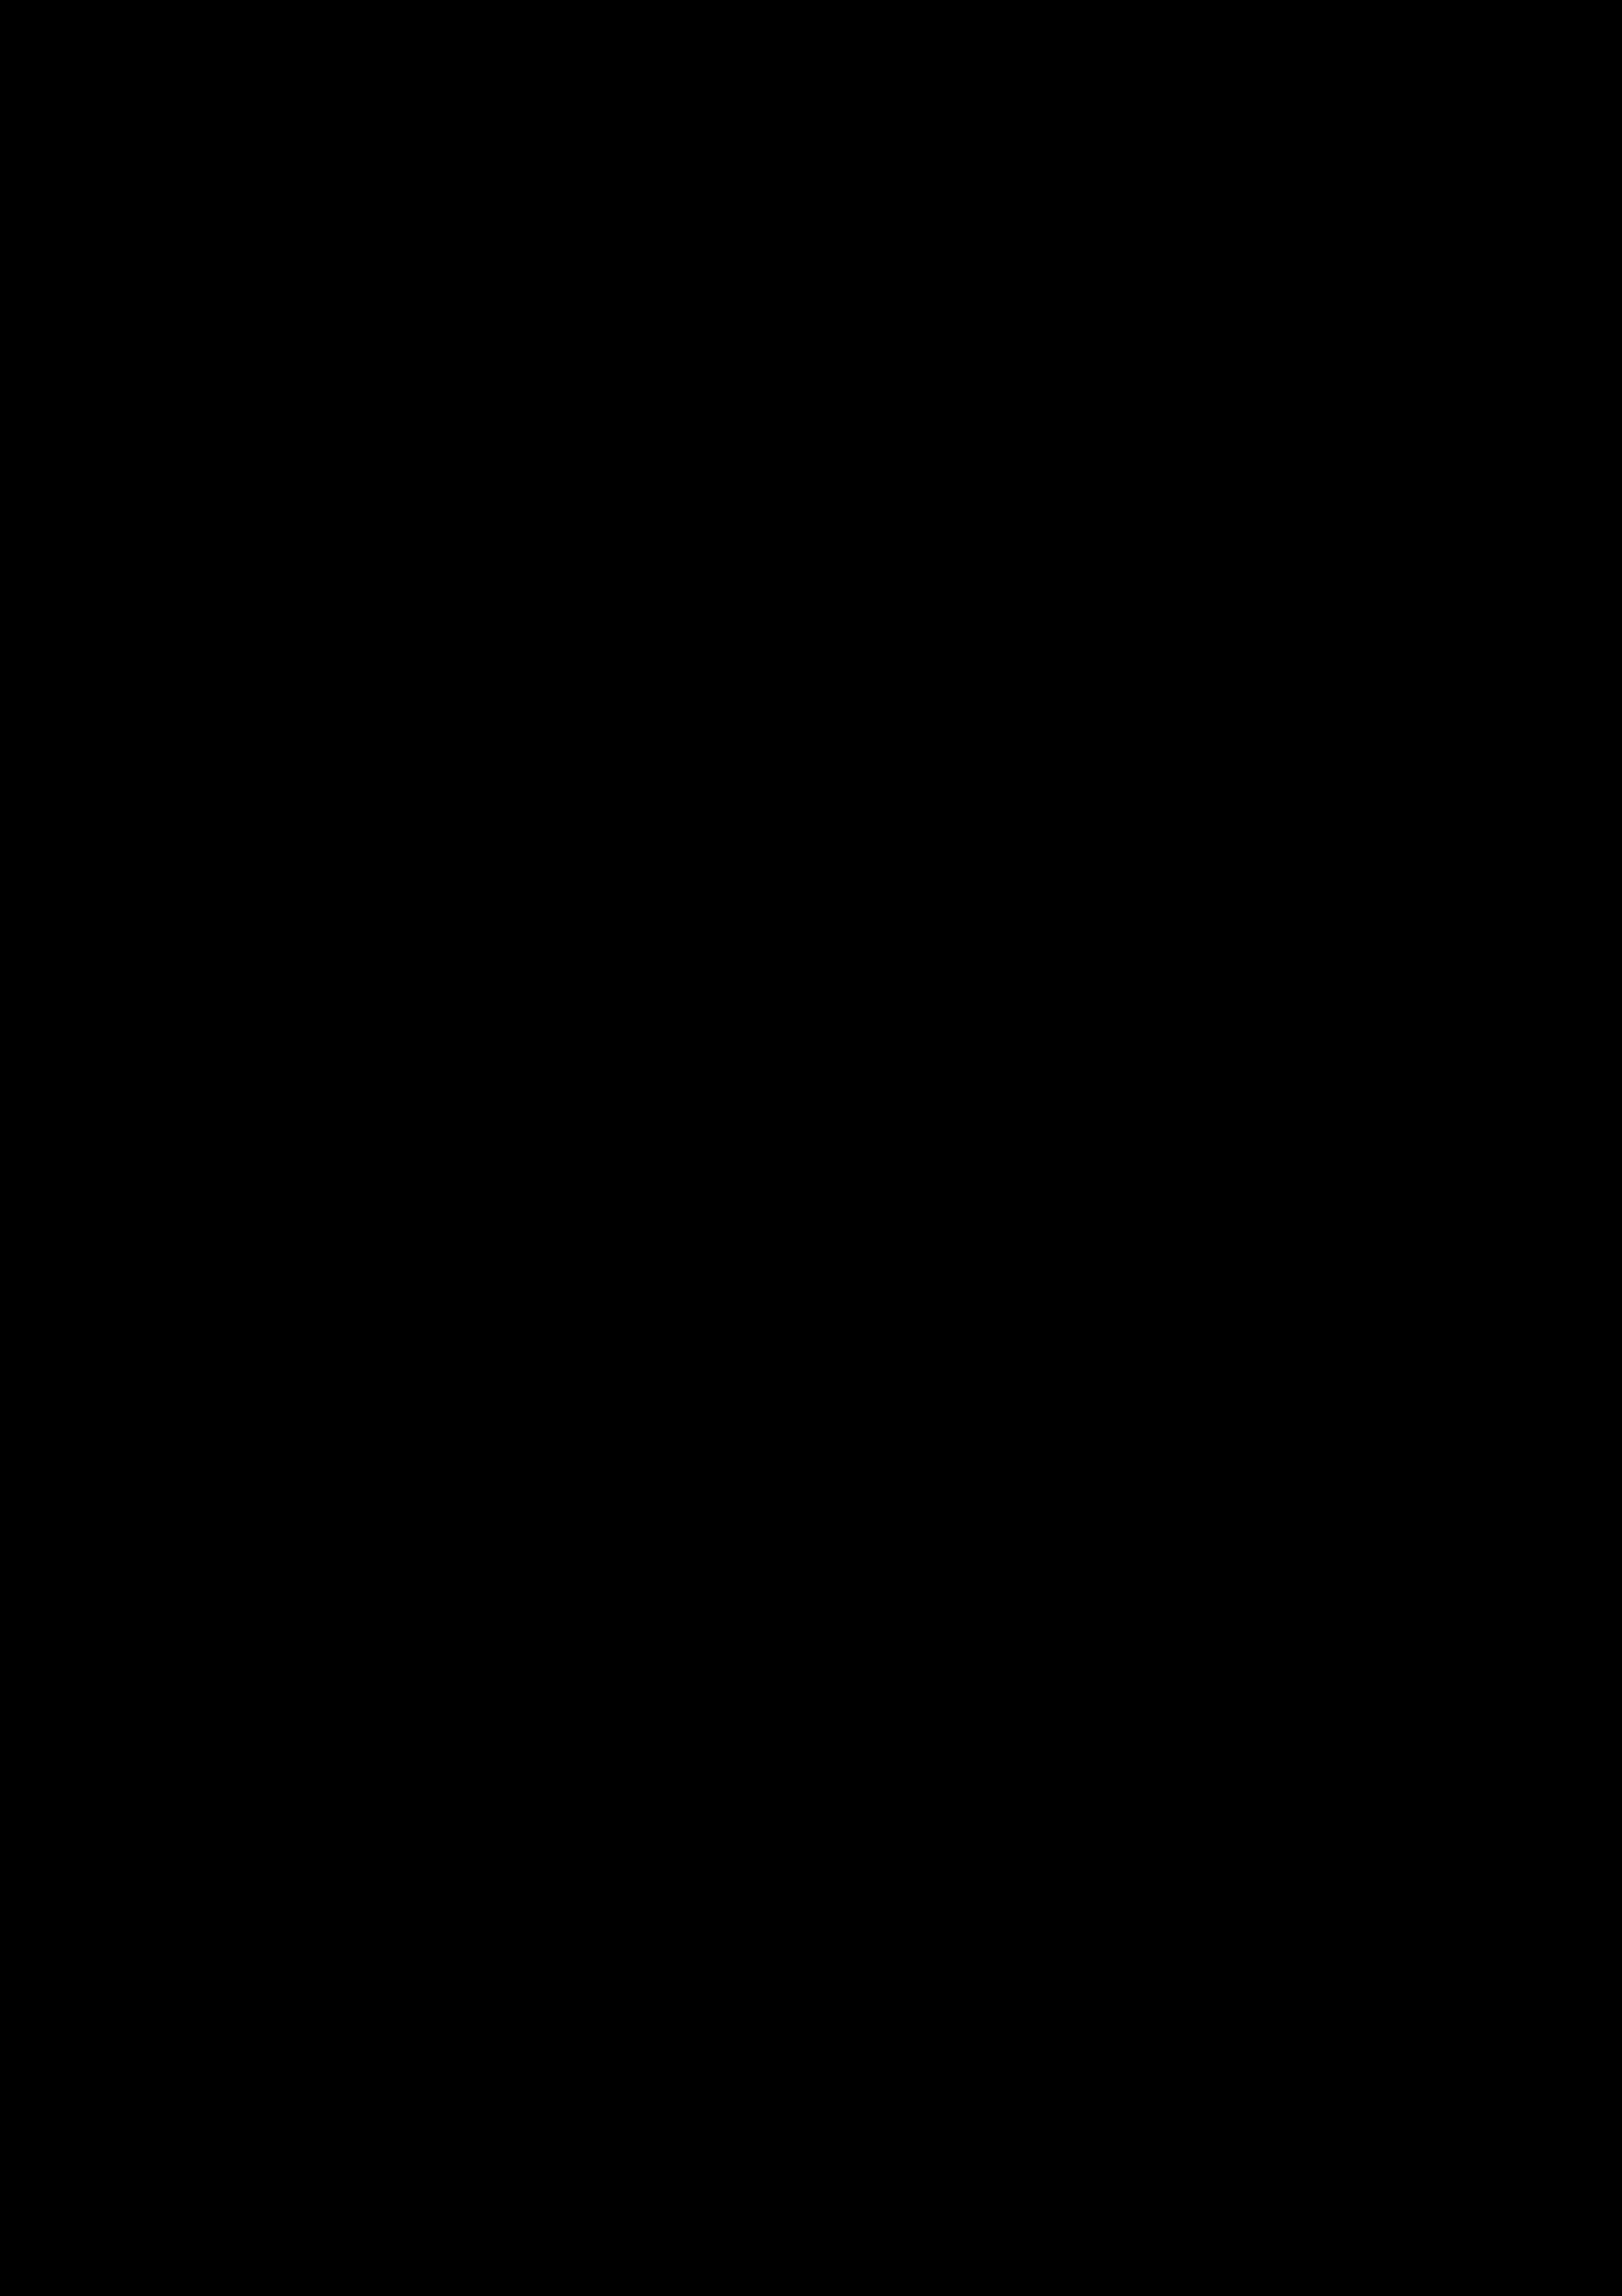 金賞 Jpg 設計コンペ プレゼンテーション ボード デザイン 建築